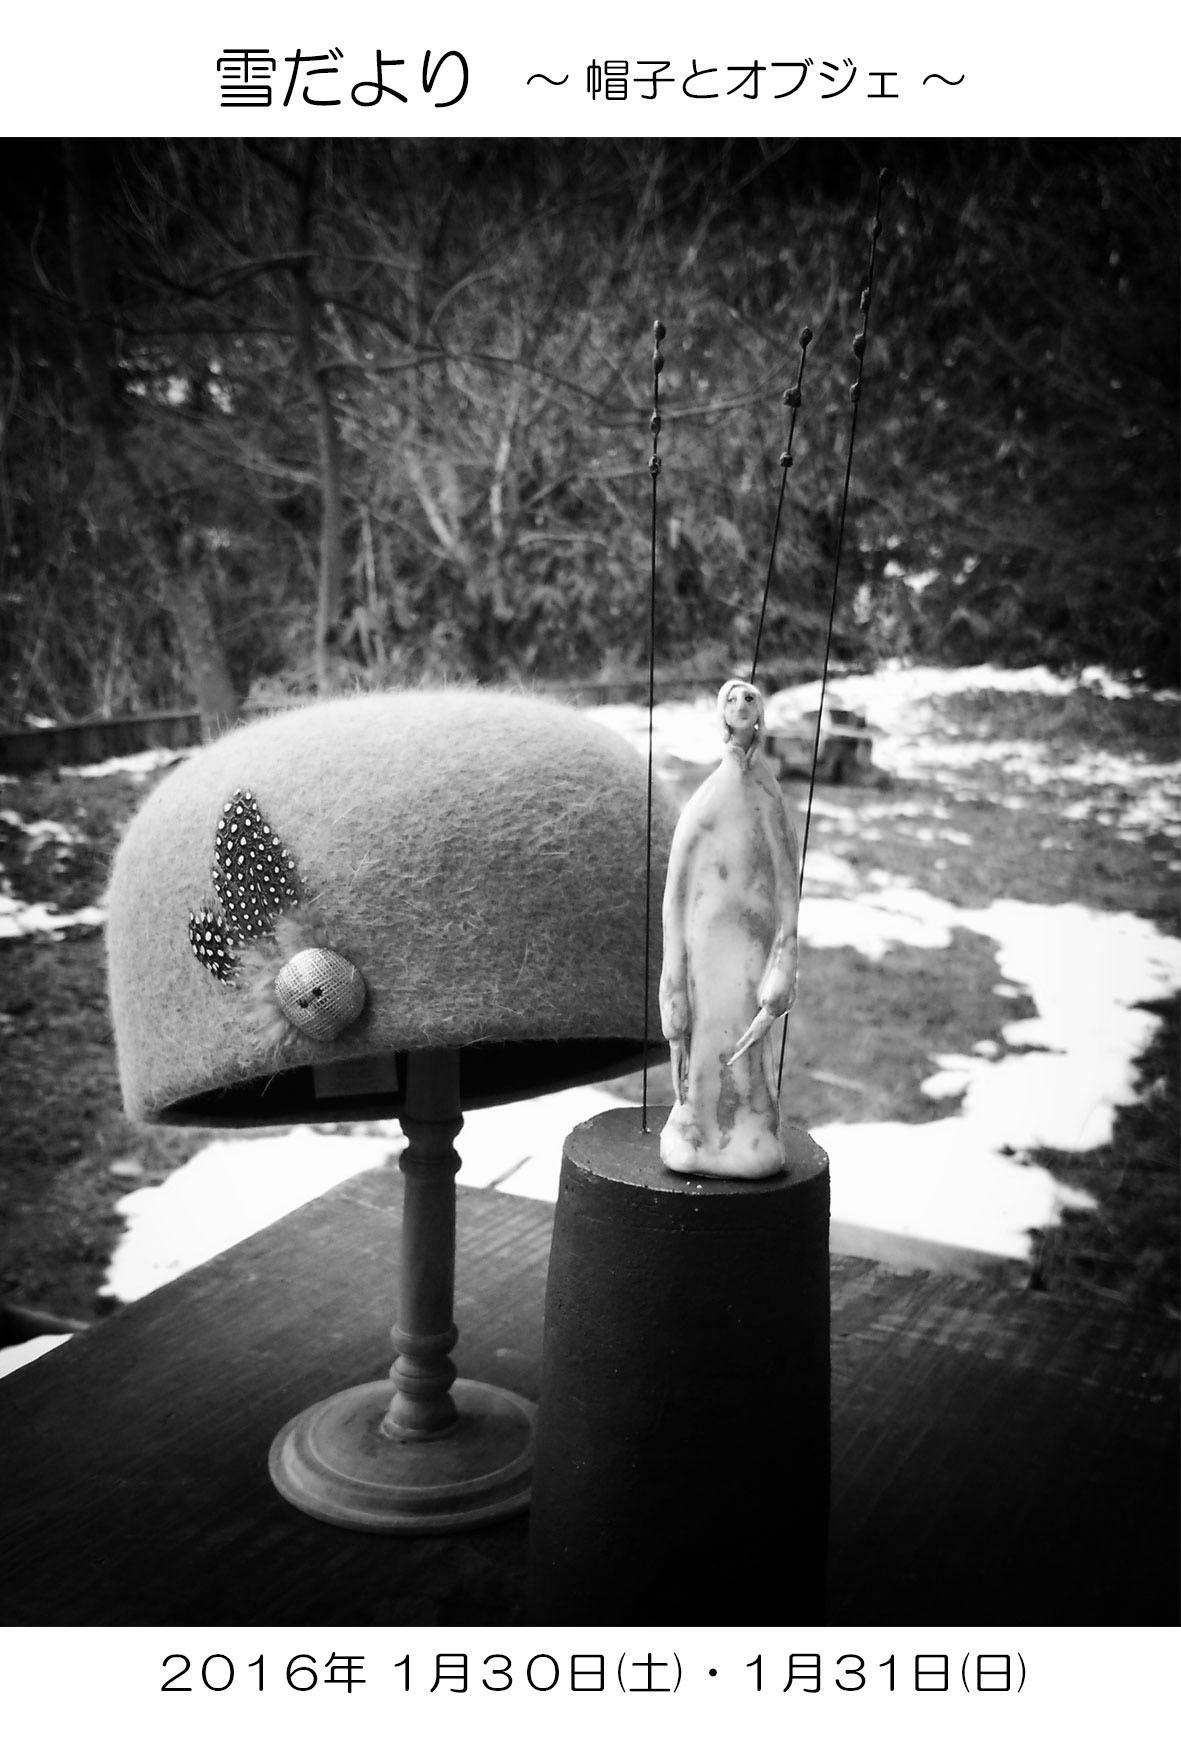 雪だより_1